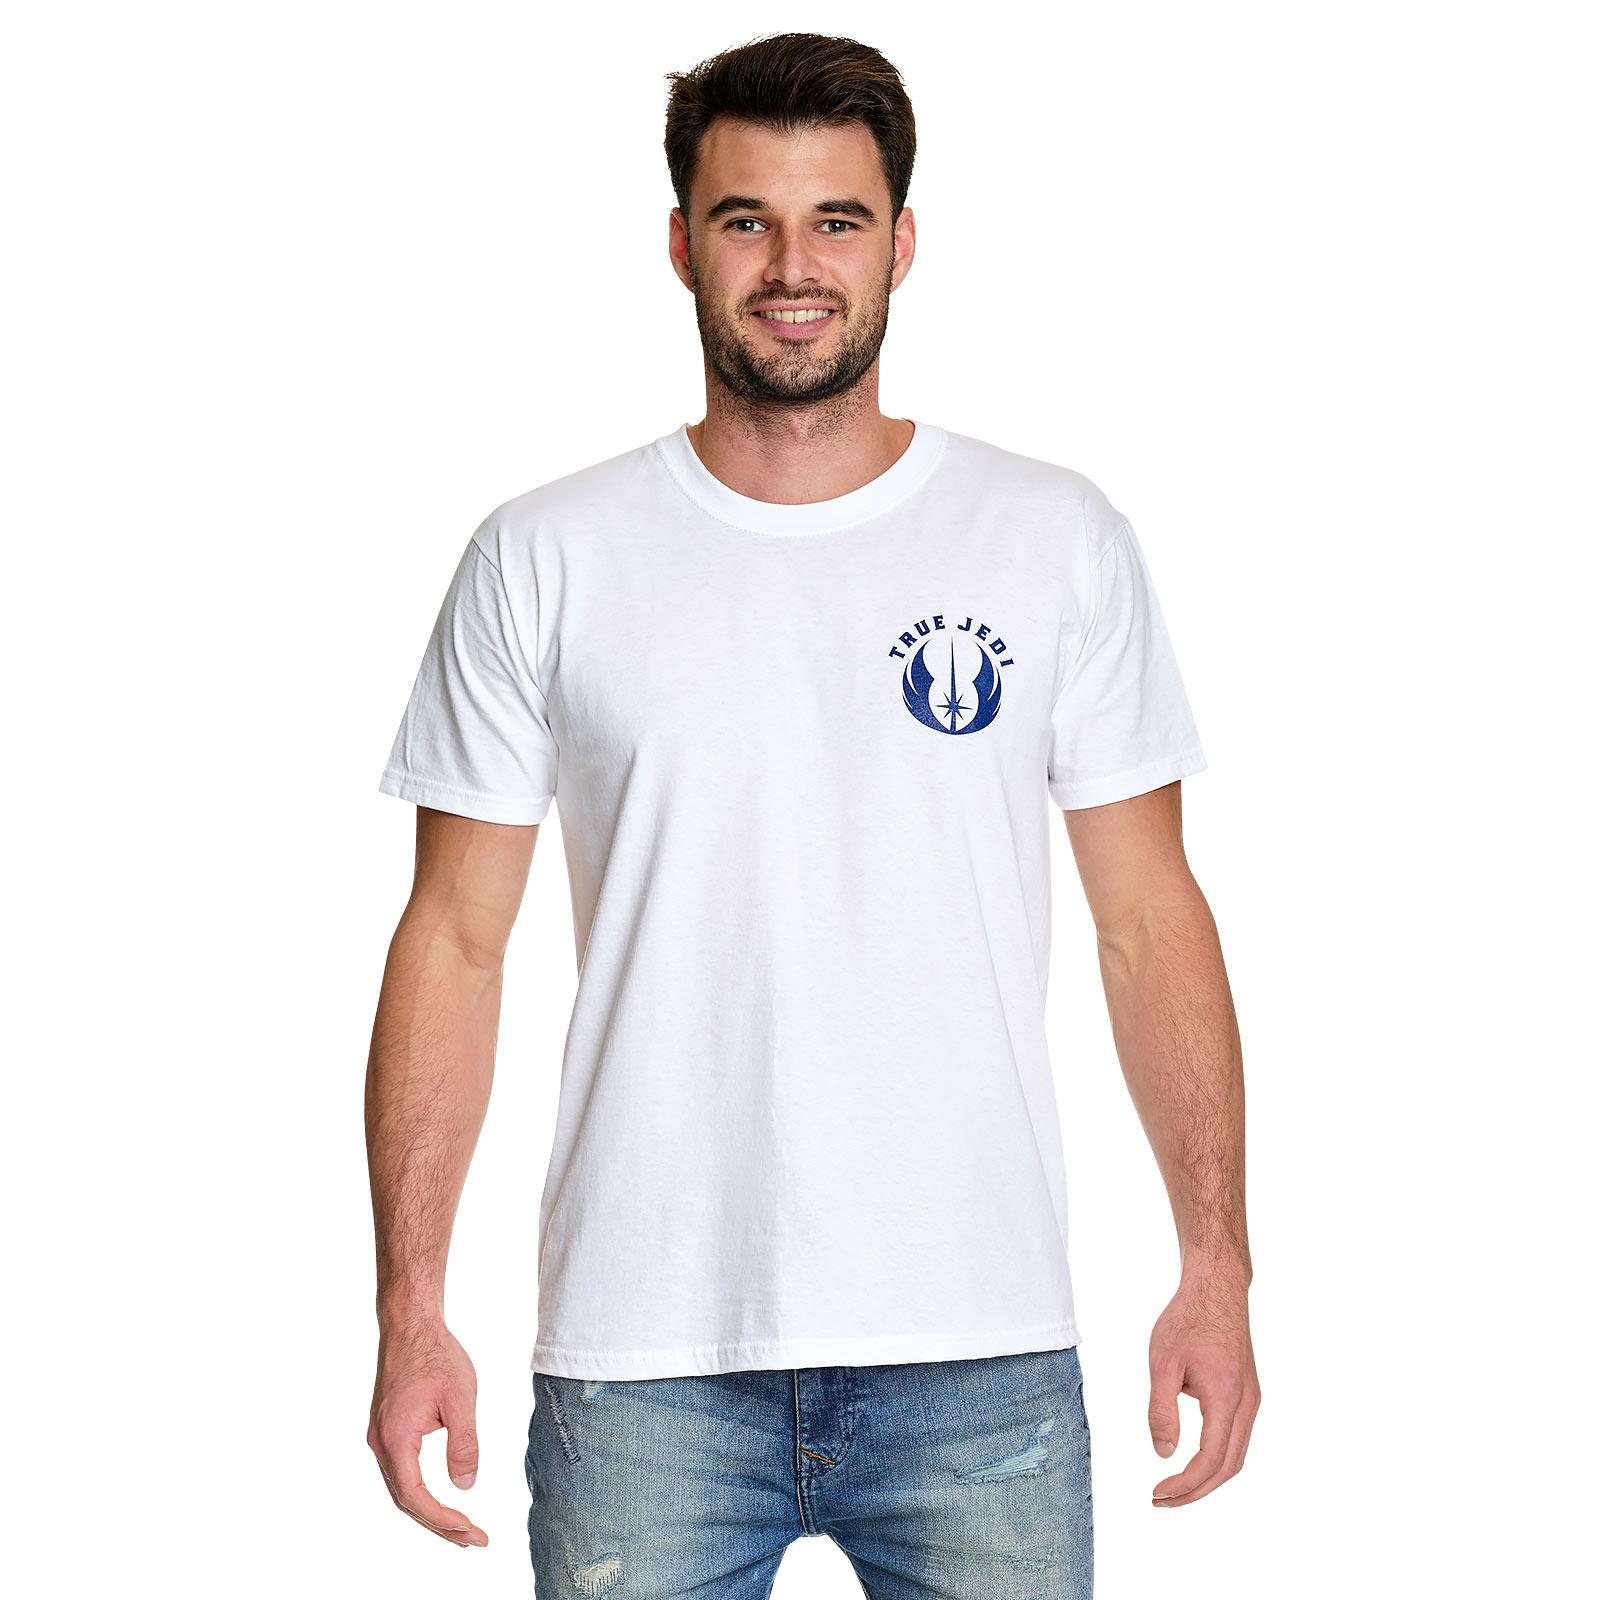 Star Wars - True Jedi T-Shirt weiß